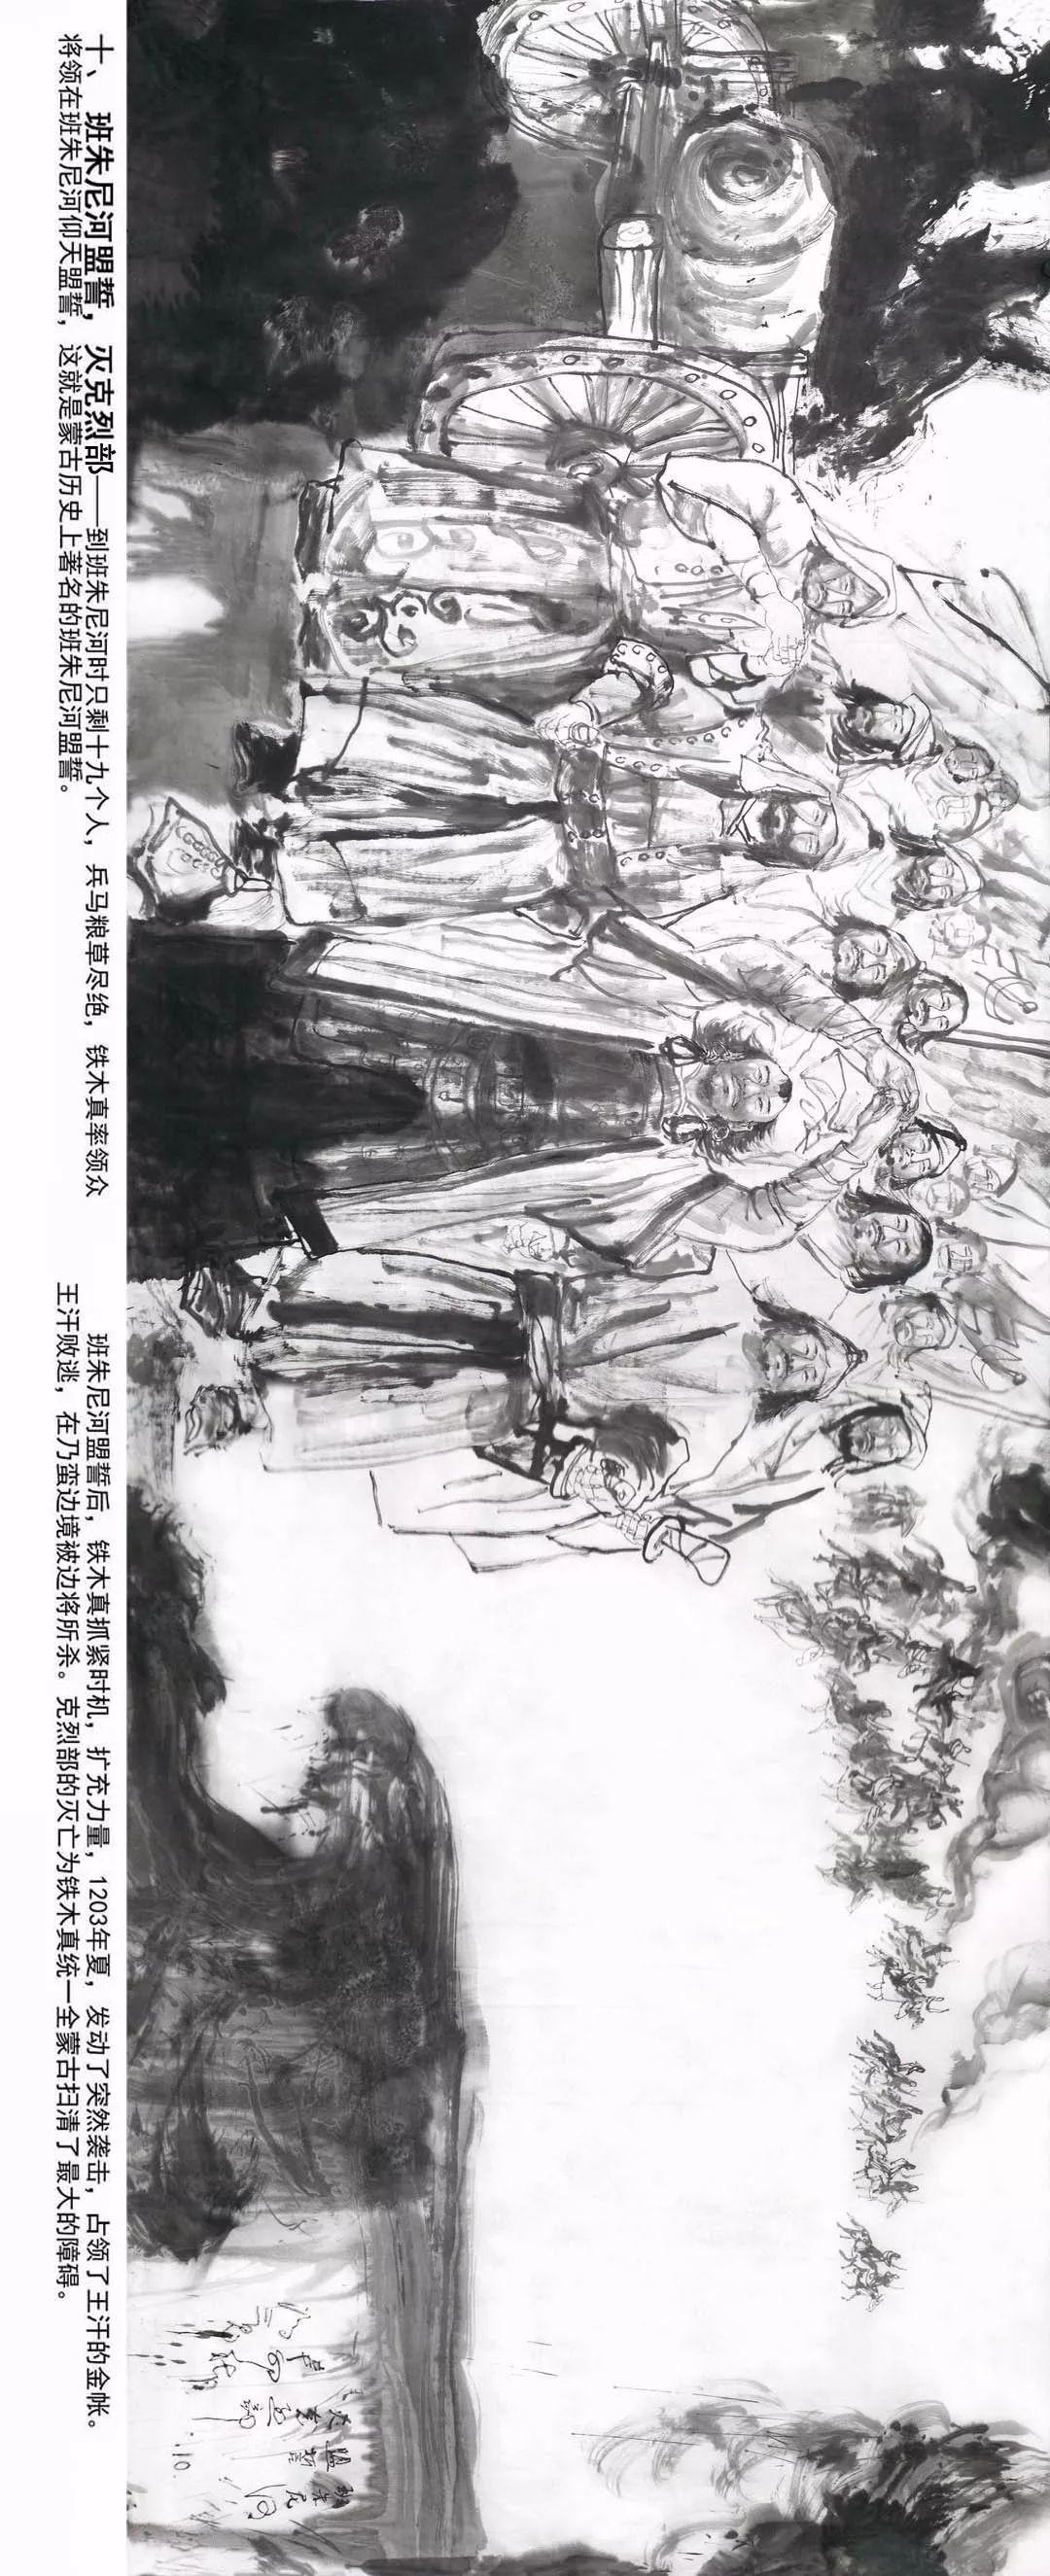 【经典】《蒙古魂》国画写意,大师所创,值得收藏。 第8张